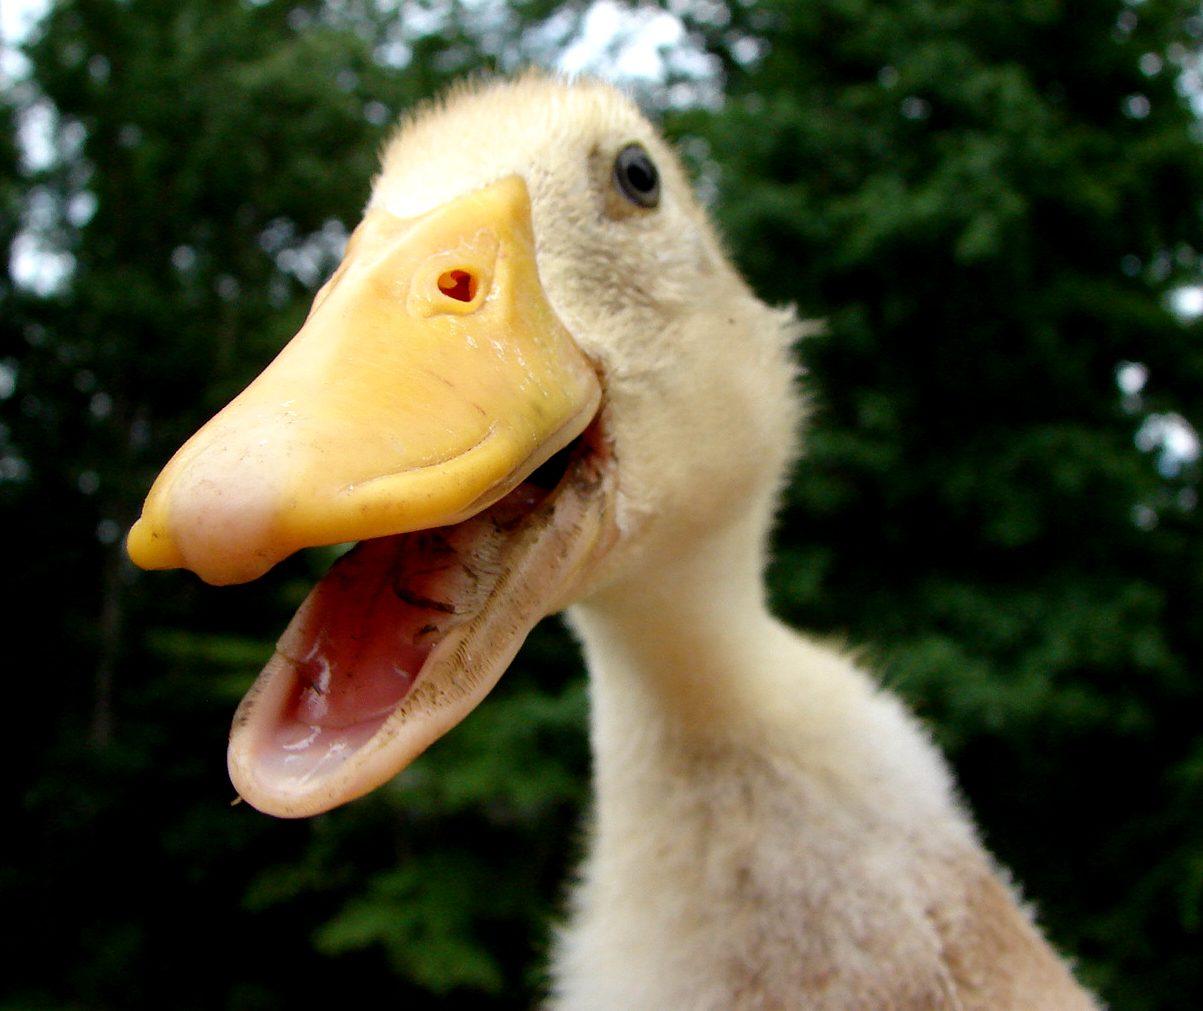 My quack quacks!